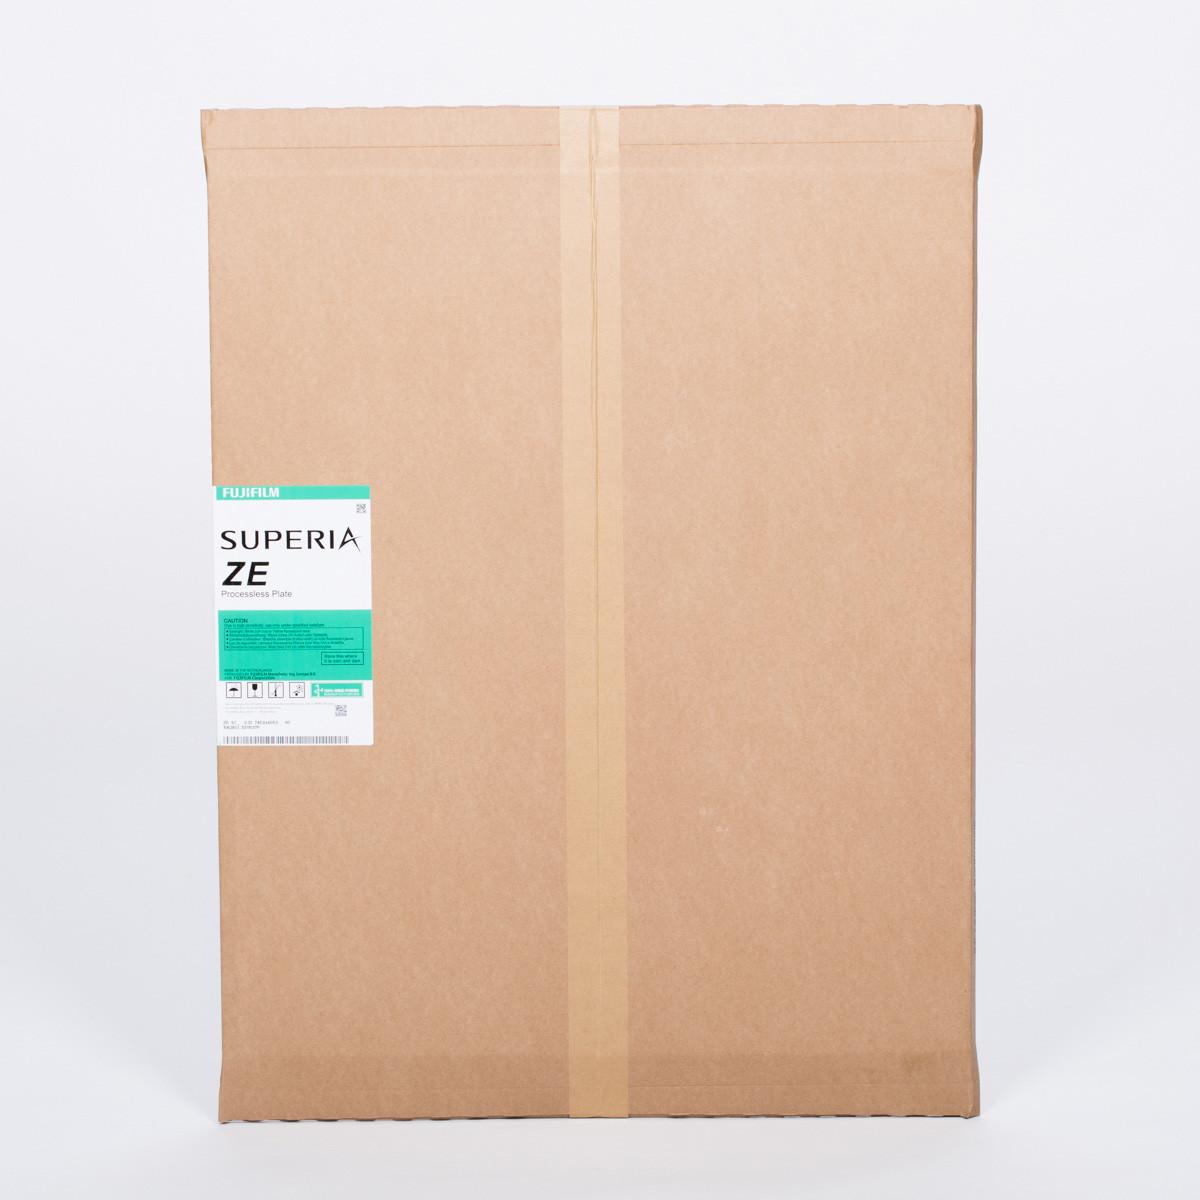 FUJI SUPERIA ZE ST 525x459x0,15x100